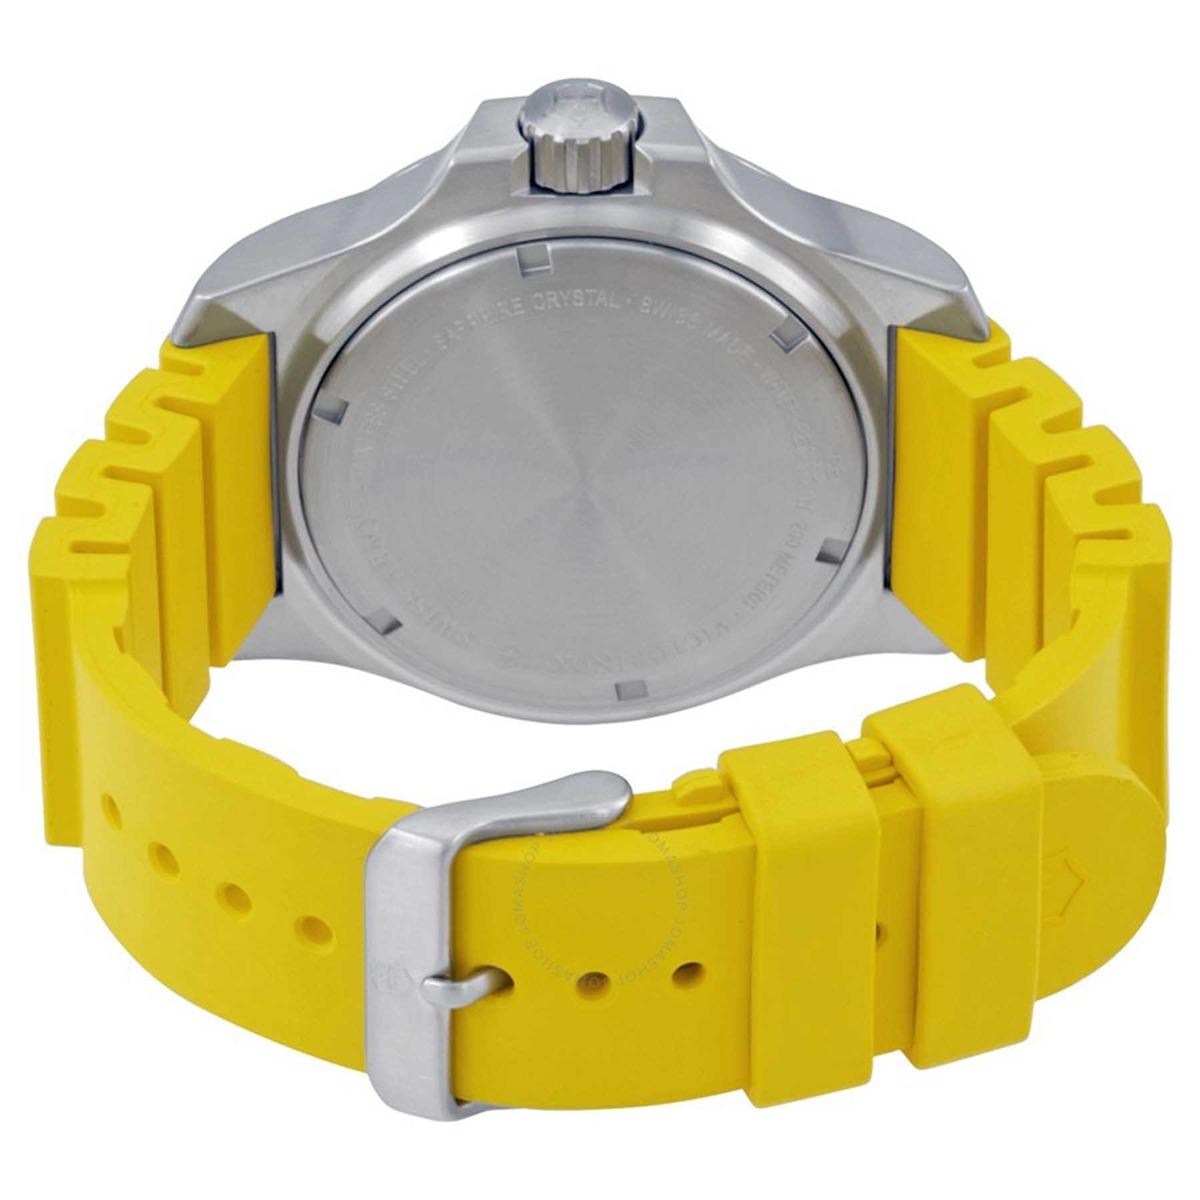 f78b06a7ba6 relógio victorinox i.n.o.x. professional diver swiss made 24. Carregando  zoom... relógio victorinox i.n.o.x.. Carregando zoom.